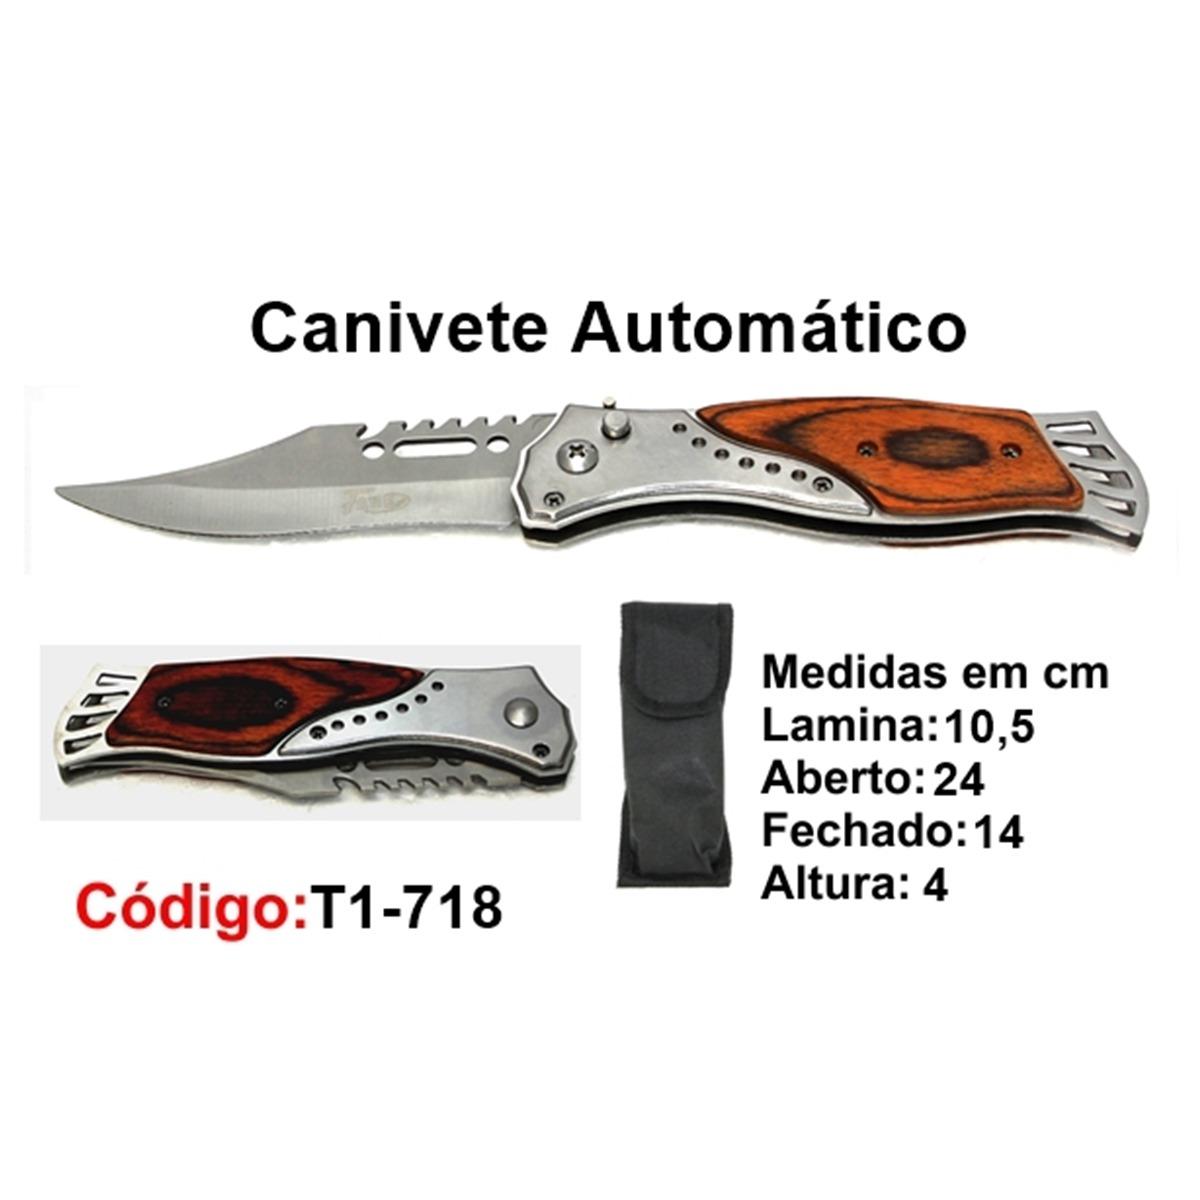 Canivete Esportivo Automático Caça Pesca Etc. T1-718